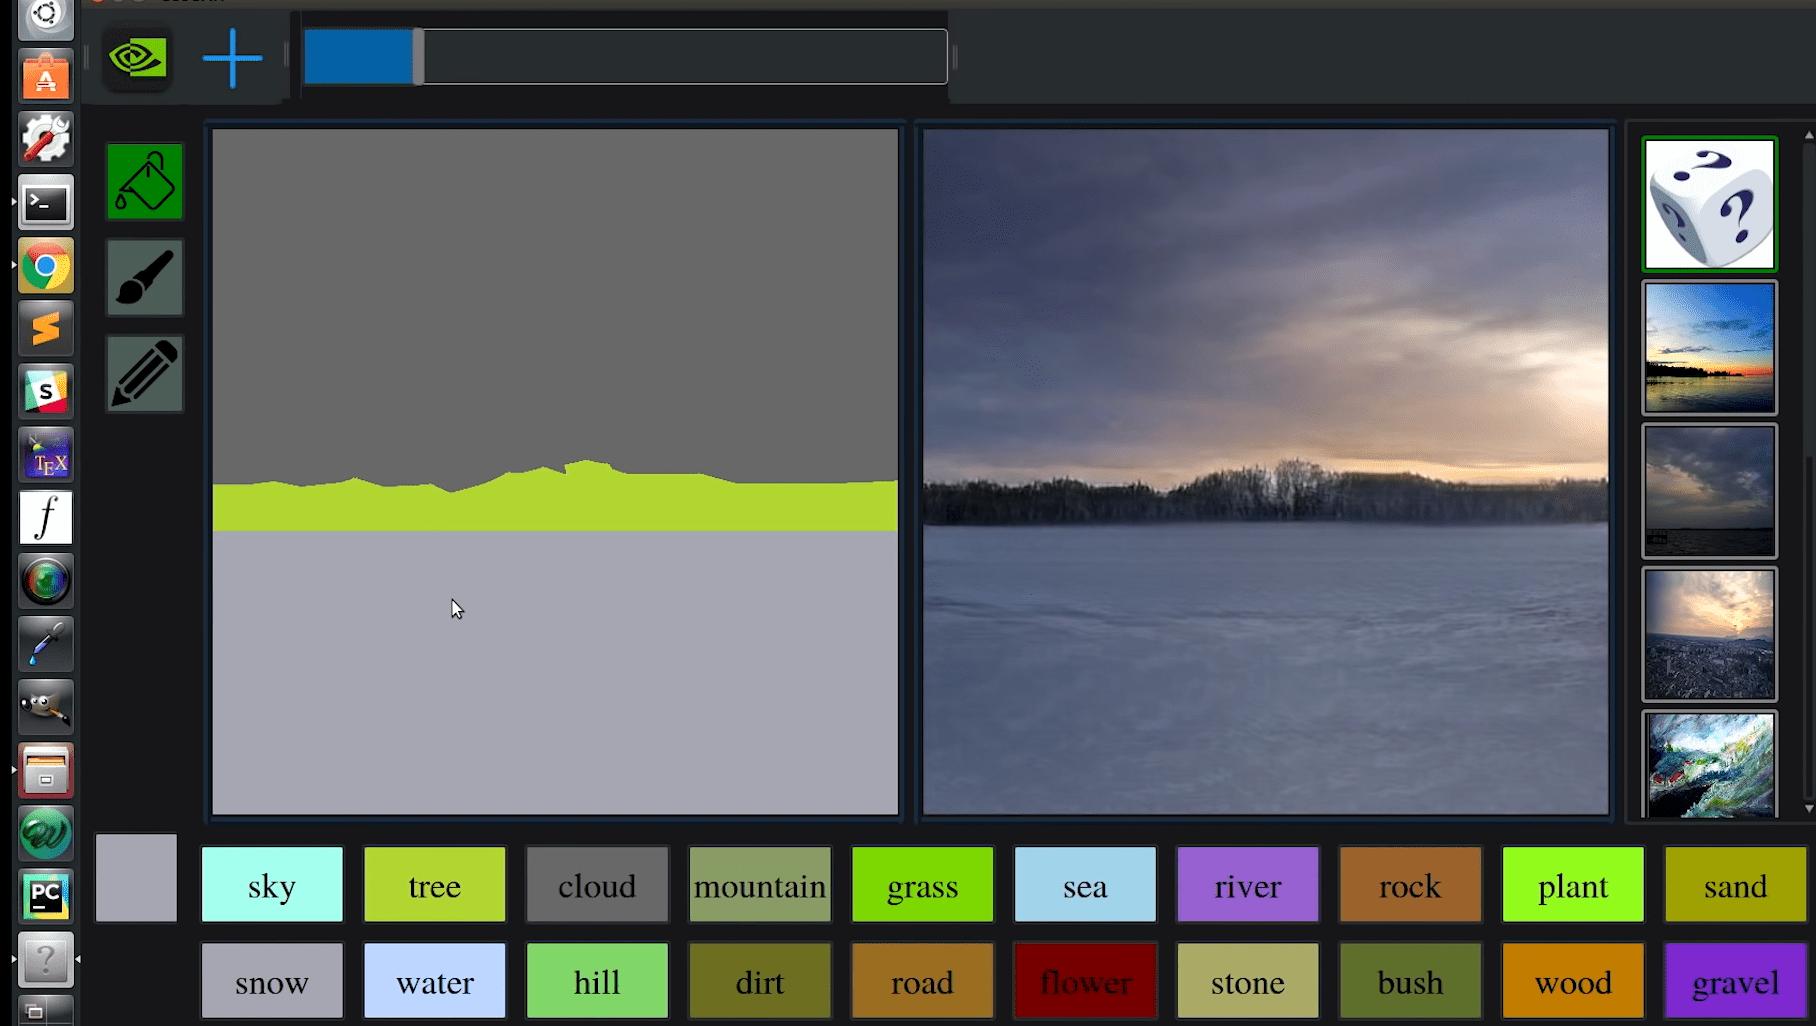 Nvidia разработала графический редактор на основе нейросетей, превращающий эскизы в фотографии